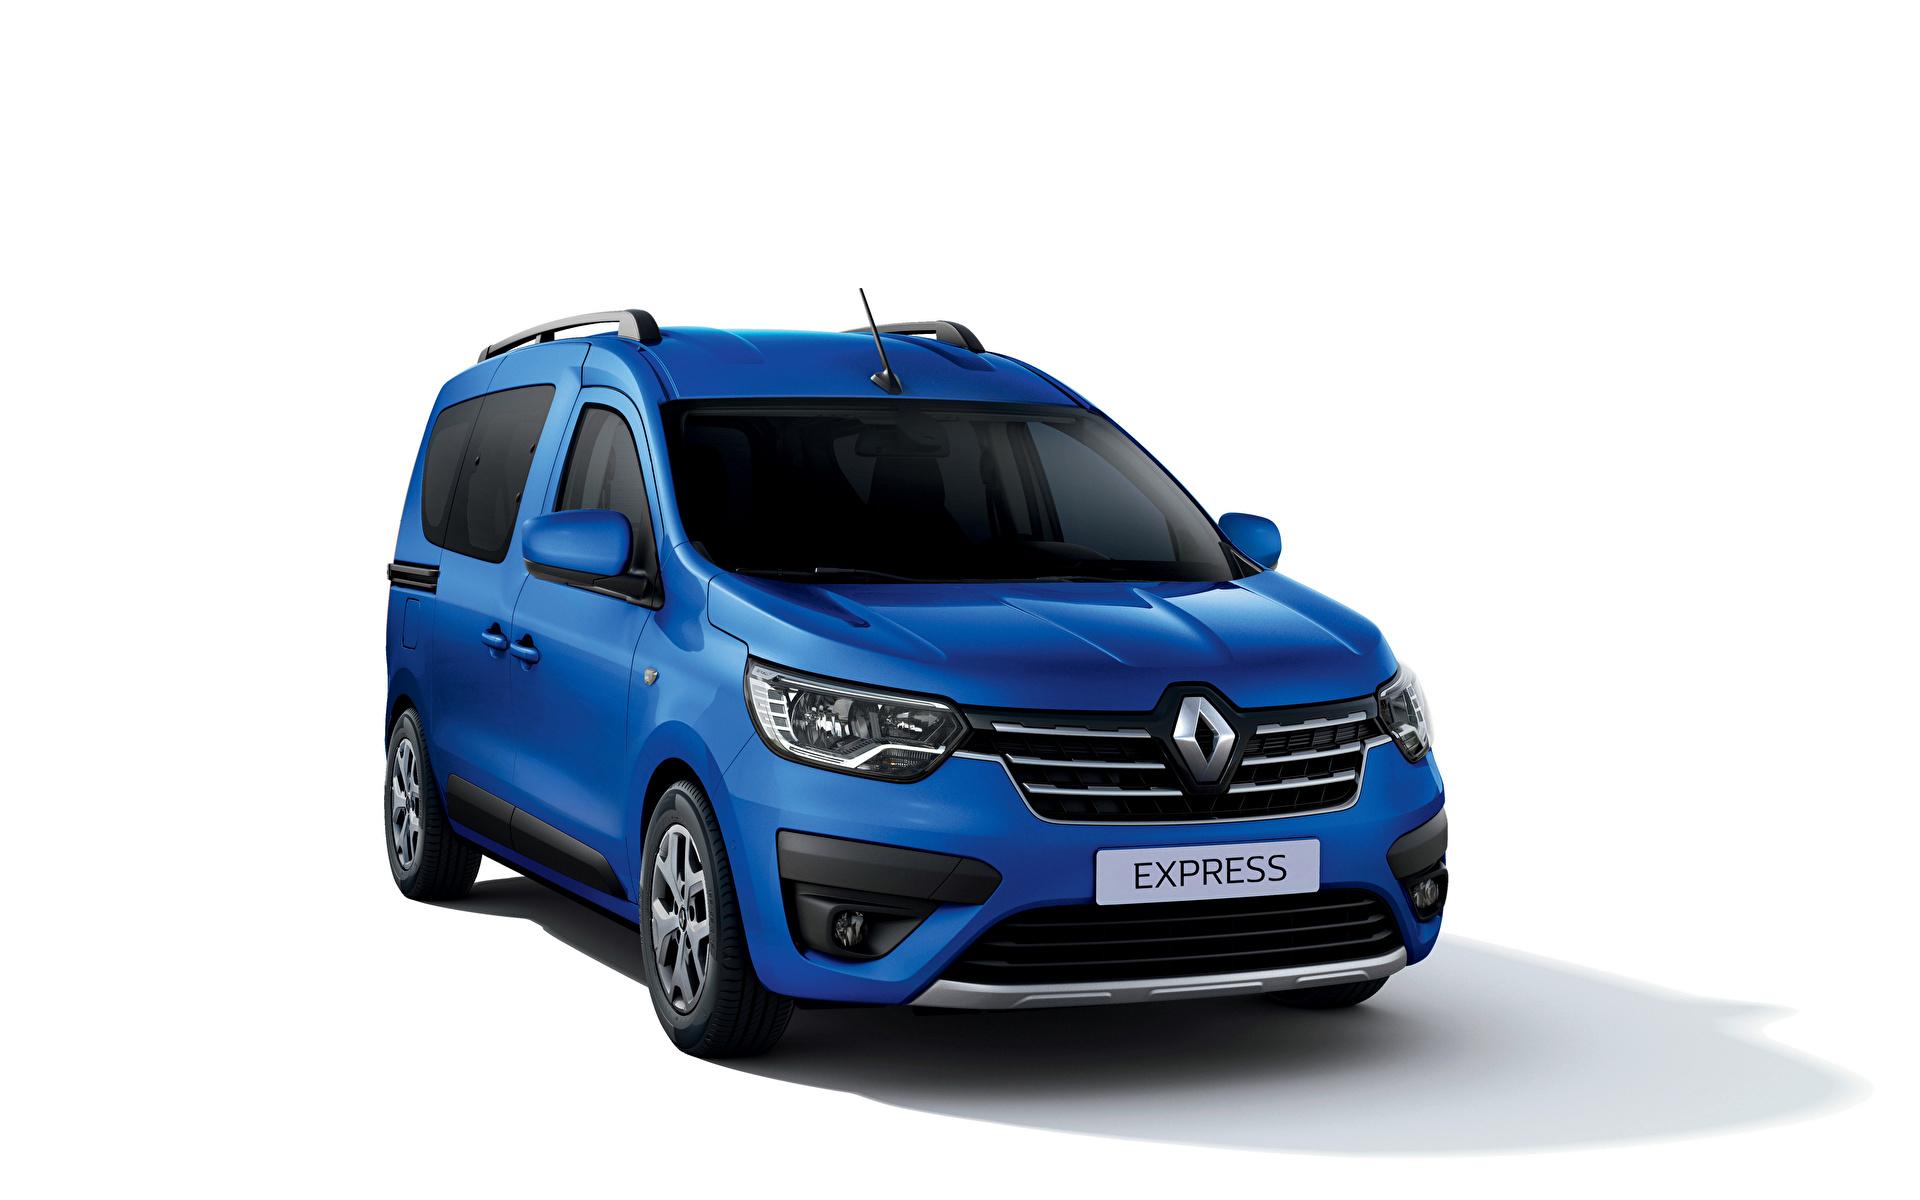 Фотографии Renault Express, 2021 Минивэн Синий машина Металлик белым фоном 1920x1200 Рено синяя синие синих авто машины Автомобили автомобиль Белый фон белом фоне